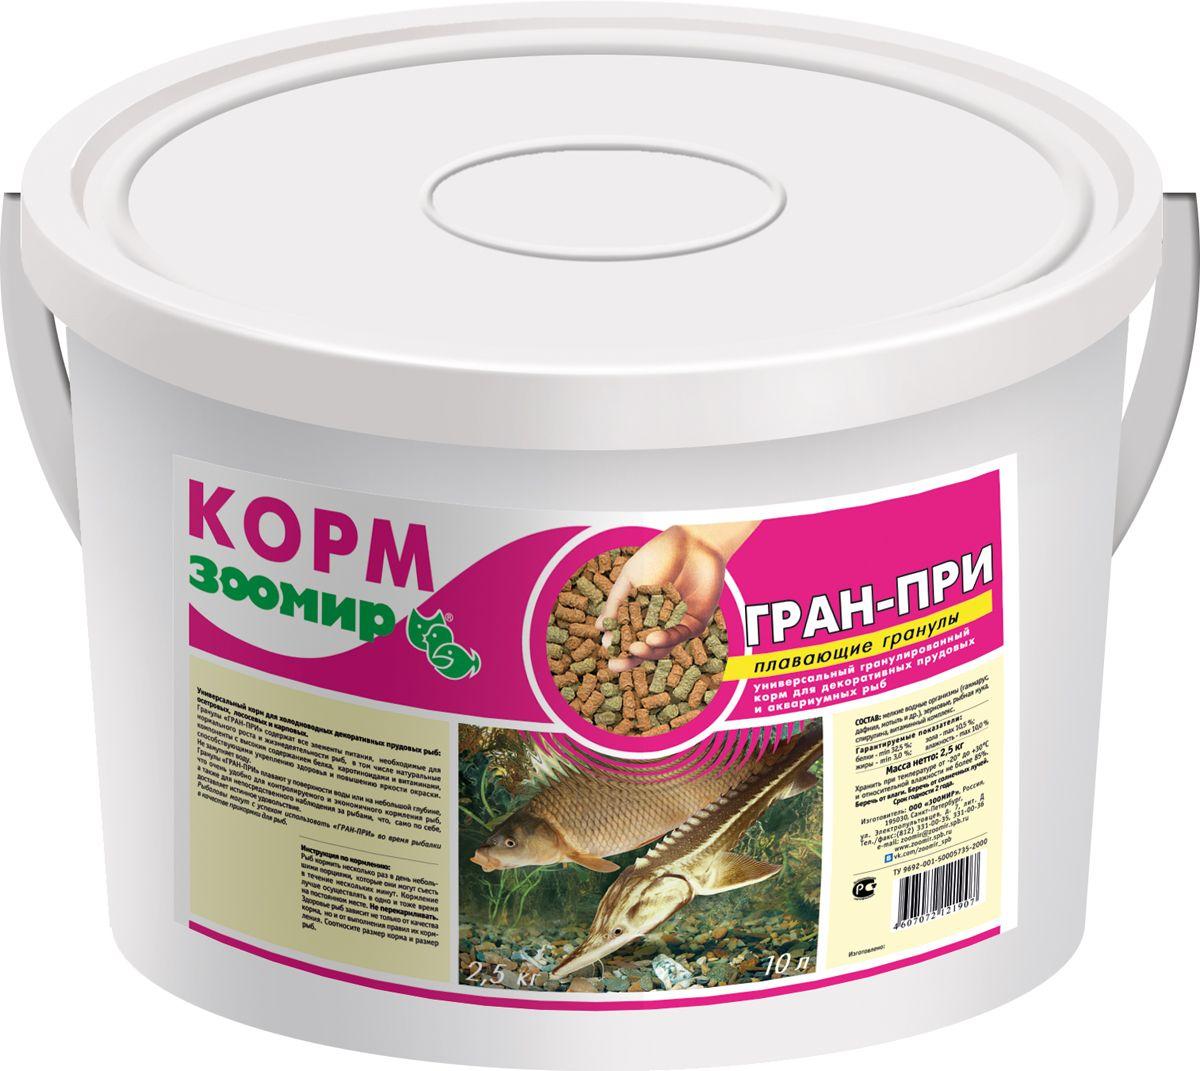 Корм для прудовых рыб Зоомир Гран-При плавающие гранулы, ведро 10 л0120710Универсальный корм для холодноводных декоративных прудовых рыб: осетровых, лососевых и карповых.Гранулы ГРАН-ПРИ содержат все элементы питания, необходимые для нормального роста и жизнедеятельности рыб, в том числе, натуральные компоненты с высоким содержанием белка, каротиноиды и витамины, способствующие укреплению здоровья и повышению яркости окраски. Не замутняет воду.Гранулы ГРАН-ПРИ плавают у поверхности воды или на небольшой глубине, что очень удобно для контролируемого и экономичного кормления, а также для непосредственного наблюдения за рыбами, что само по себе доставляет истинное удовольствие.Рыболовы могут с успехом использовать ГРАН-ПРИ во время рыбалки в качестве прикормки для рыб.Состав: мелкие водные организмы (гаммарус, дафния, мотыль и др.), зерновые, рыбная мука. спирулина, витаминный комплекс.